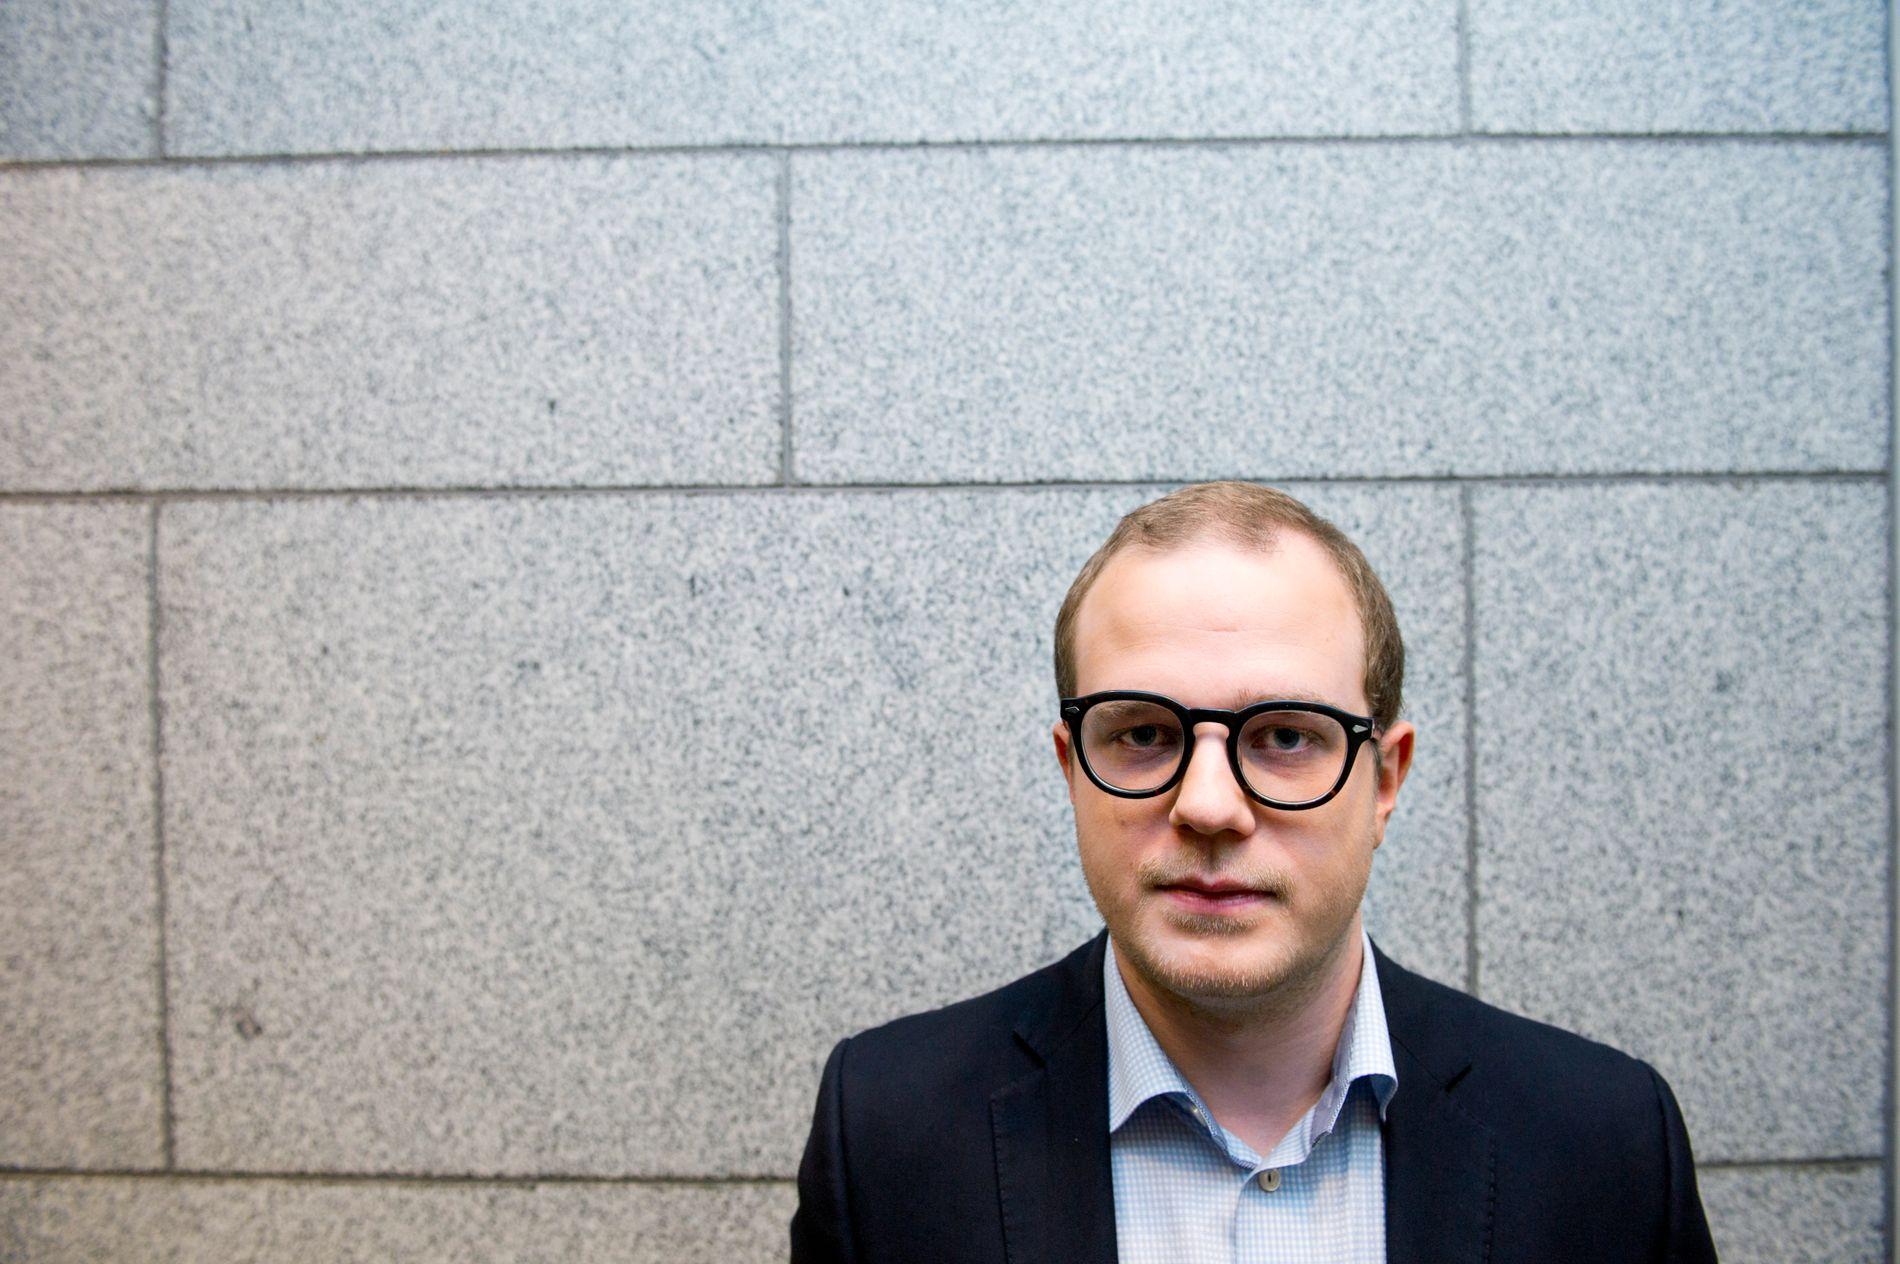 HØYRE: «Høyre elsker Bybanen» skrev Erik Skutle i BT forrige uke.